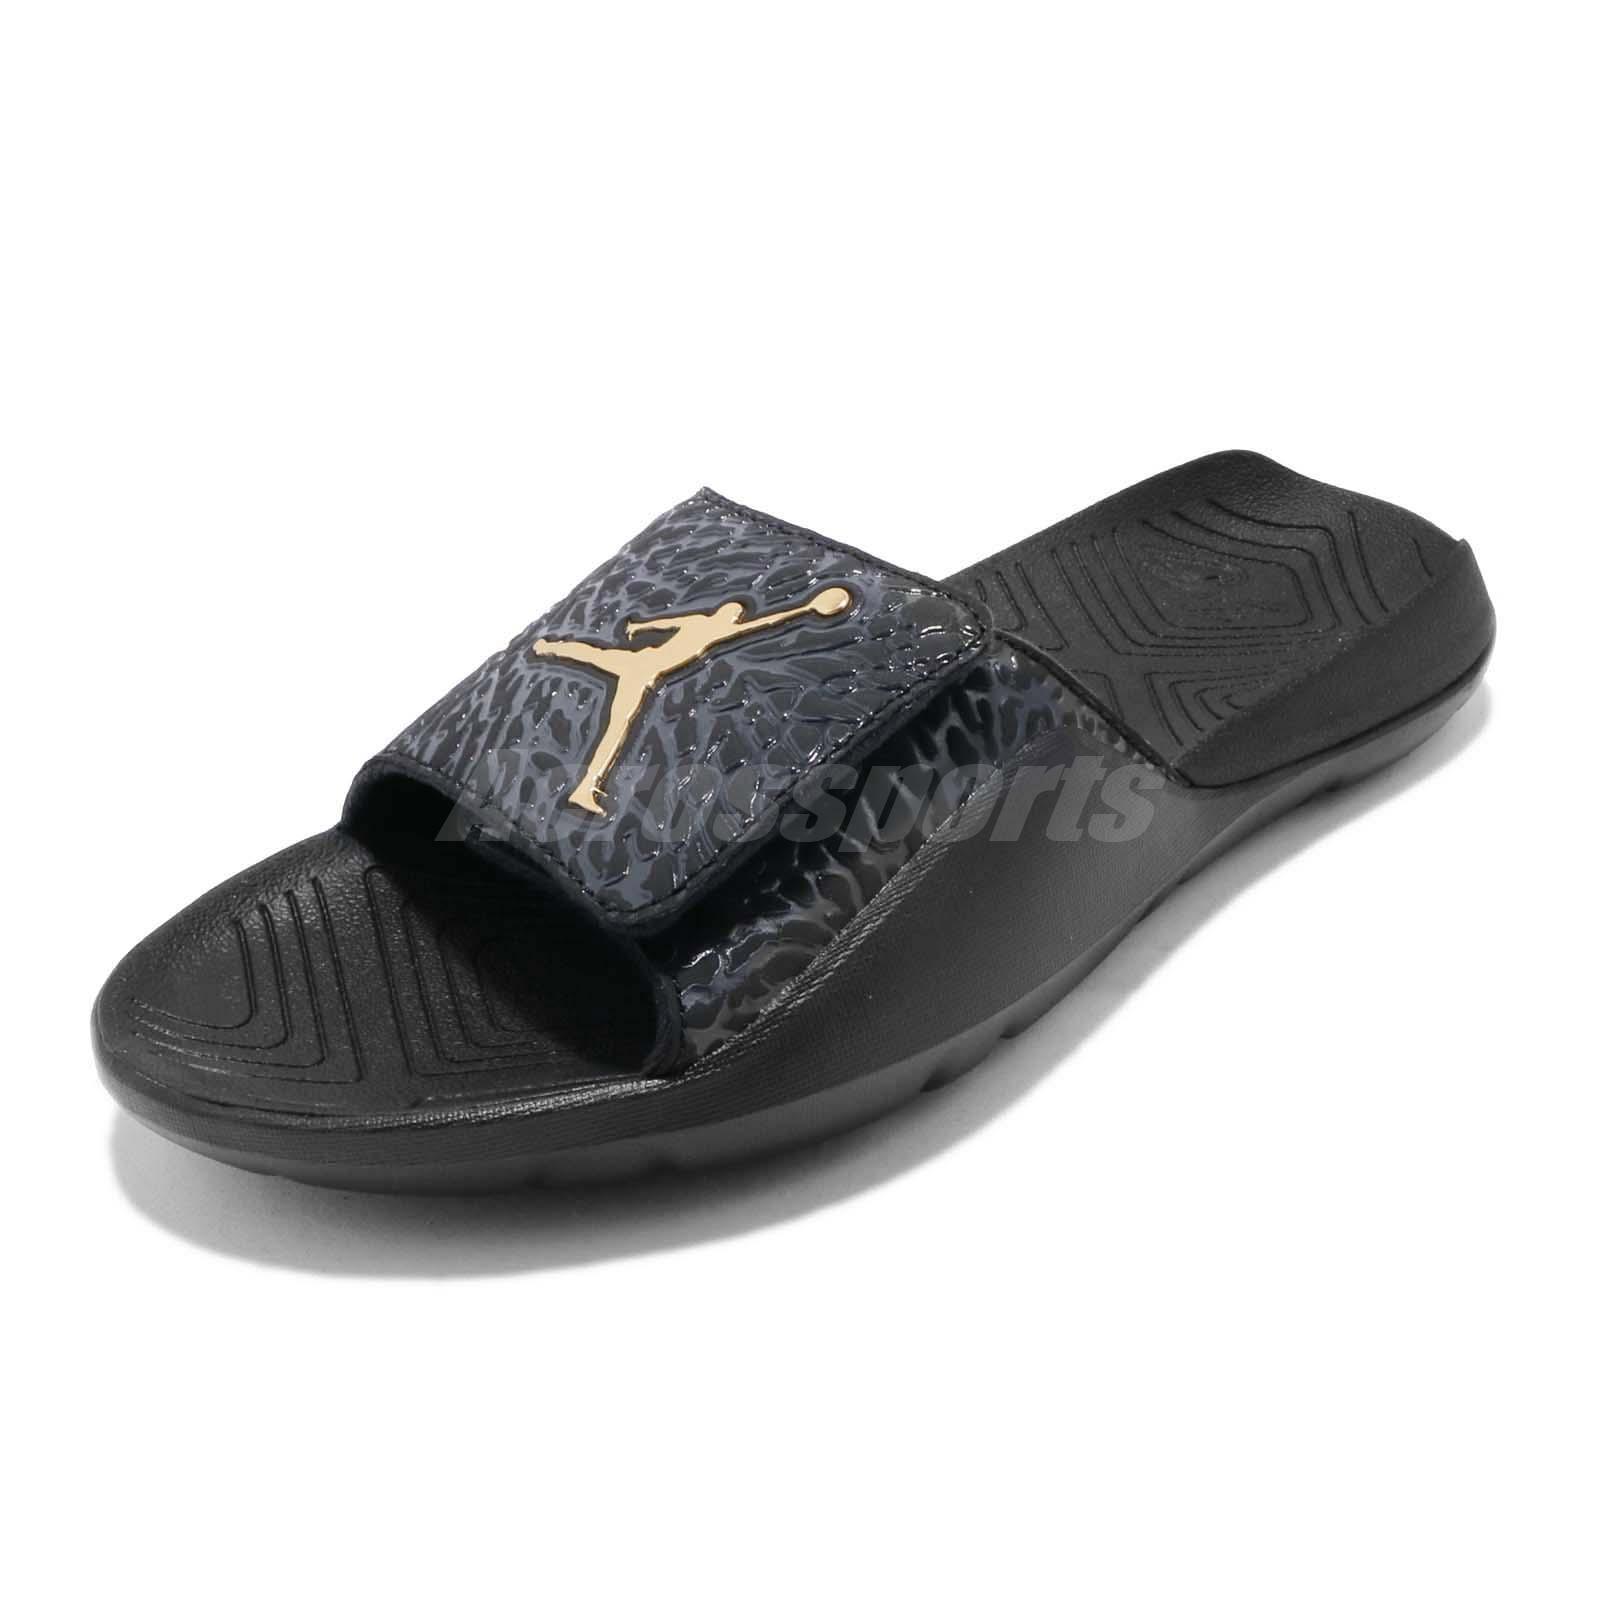 innovative design 951d7 0fada Details about Nike Jordan Hydro 7 V2 Black Gold Men Sports Sandals Slides  Slippers BQ6290-007